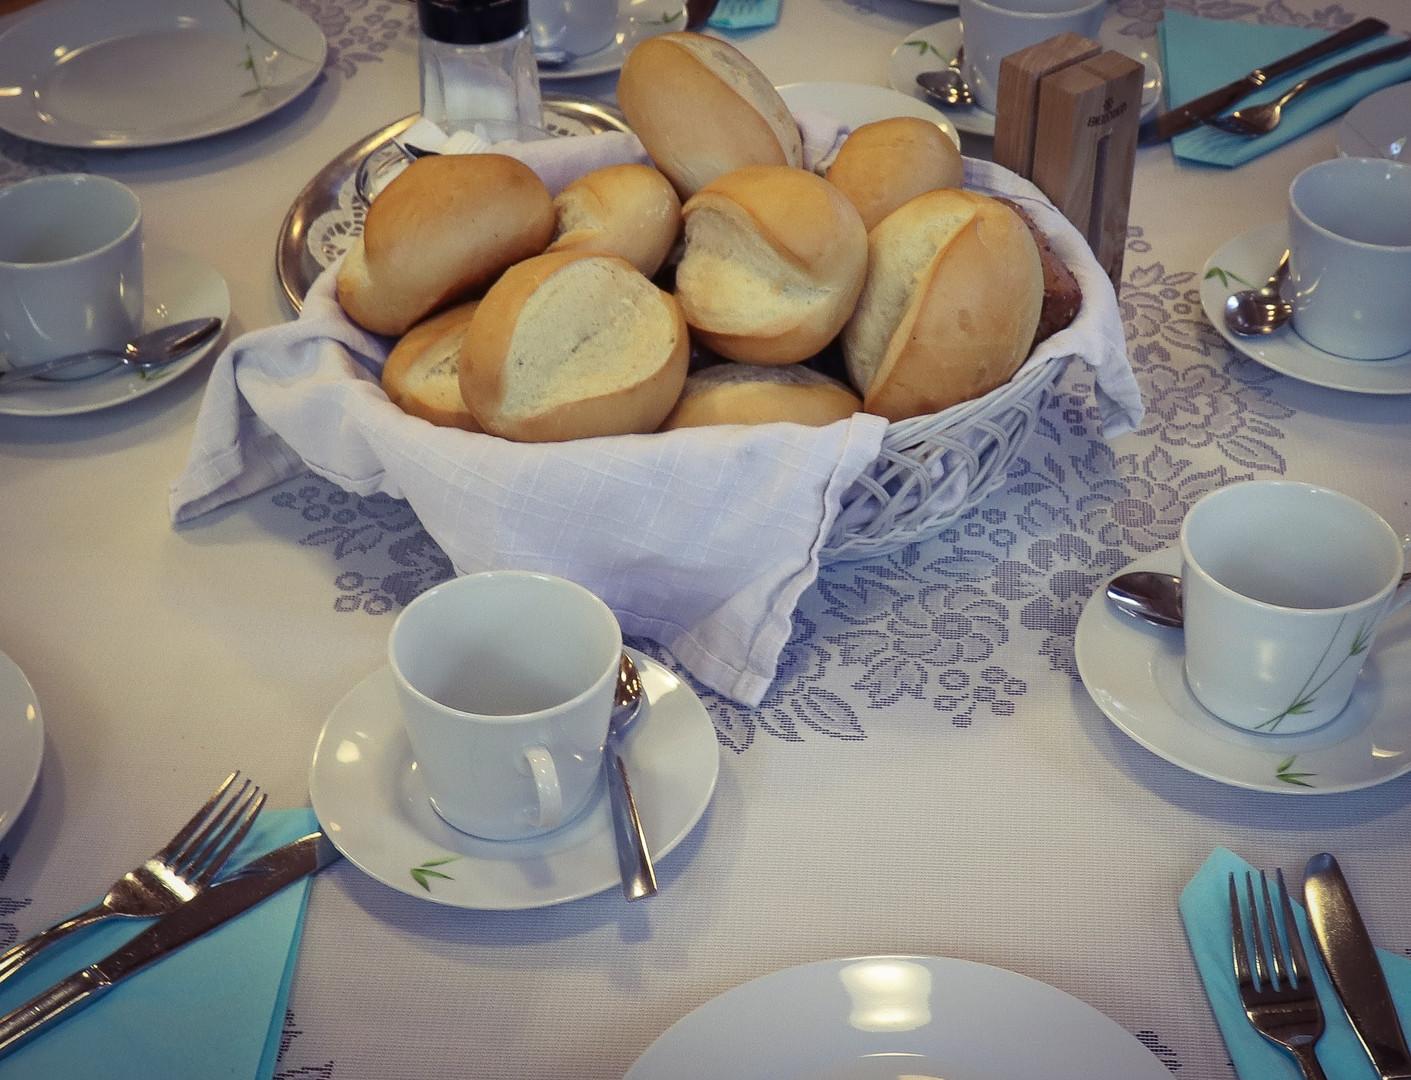 Leckeres Frühstück vom Chef persönlich zubereitet